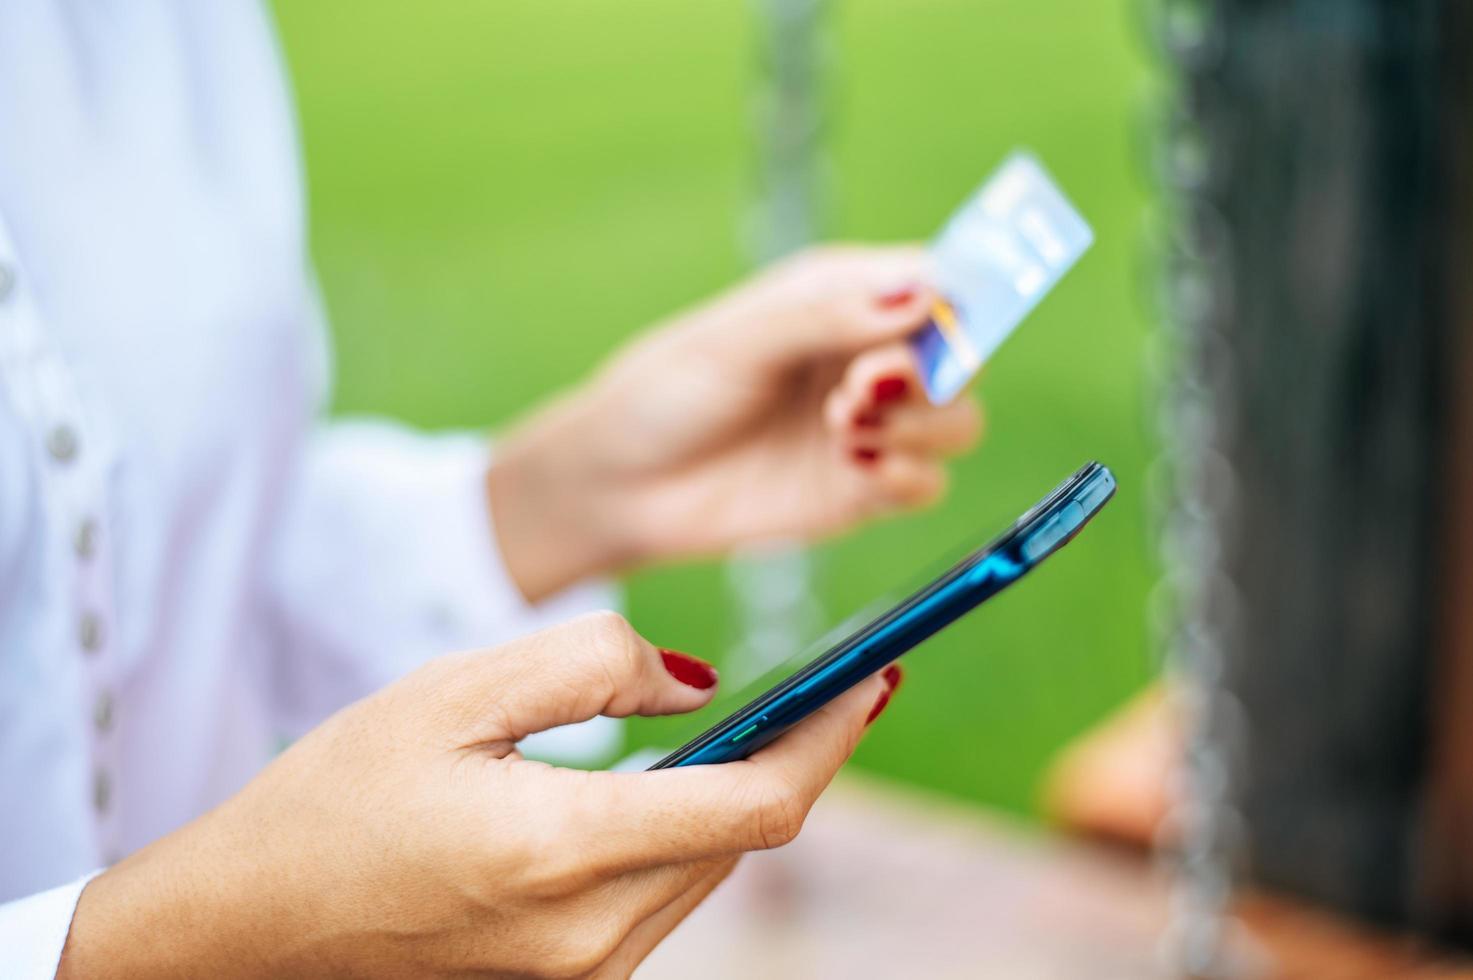 pagamento della merce con carta di credito tramite smartphone foto